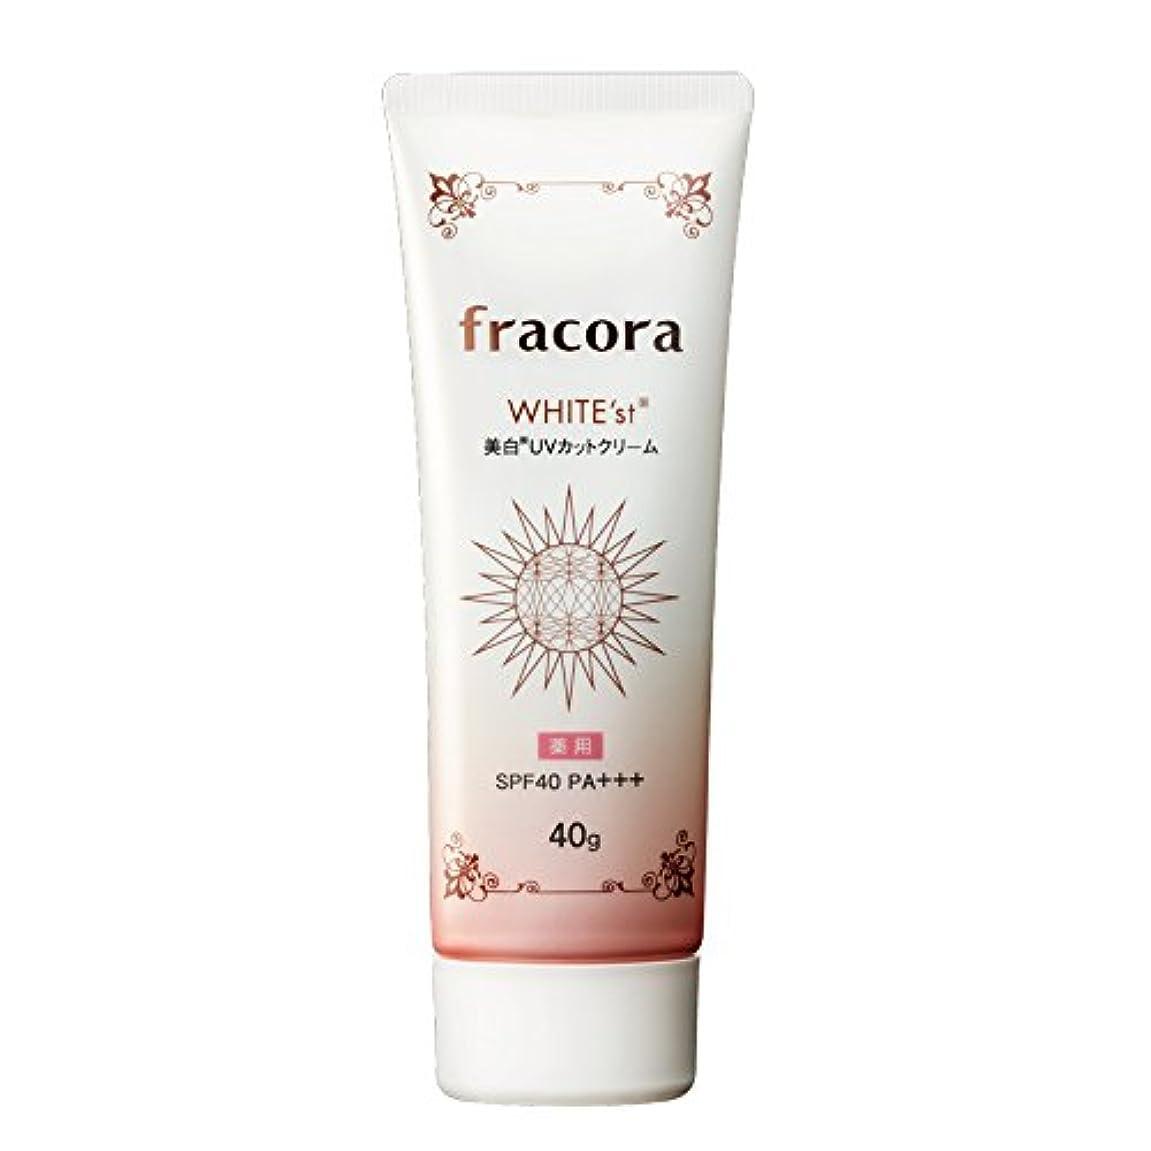 アルミニウム泥沼篭fracora(フラコラ) ホワイテスト 美白UVカットクリーム 40g